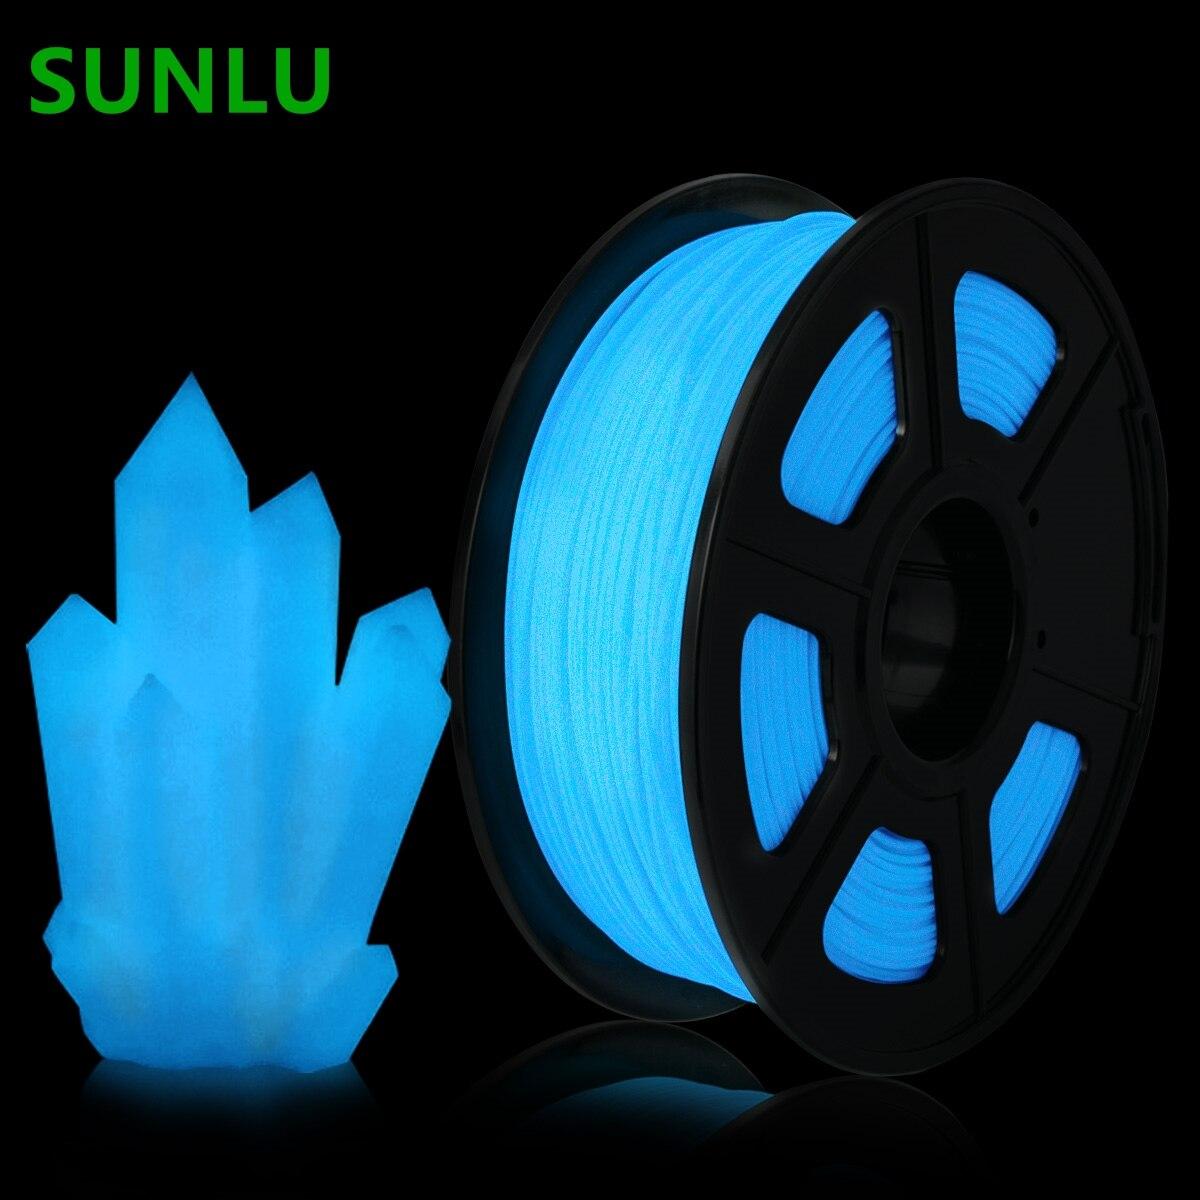 SUNLU PLA нити светятся в темноте 1 кг/катушка 1,75 мм нити печати Материал принадлежности для 3D принтеры, ручки для рисования, расходные материалы|Материалы для 3D-печати|   | АлиЭкспресс